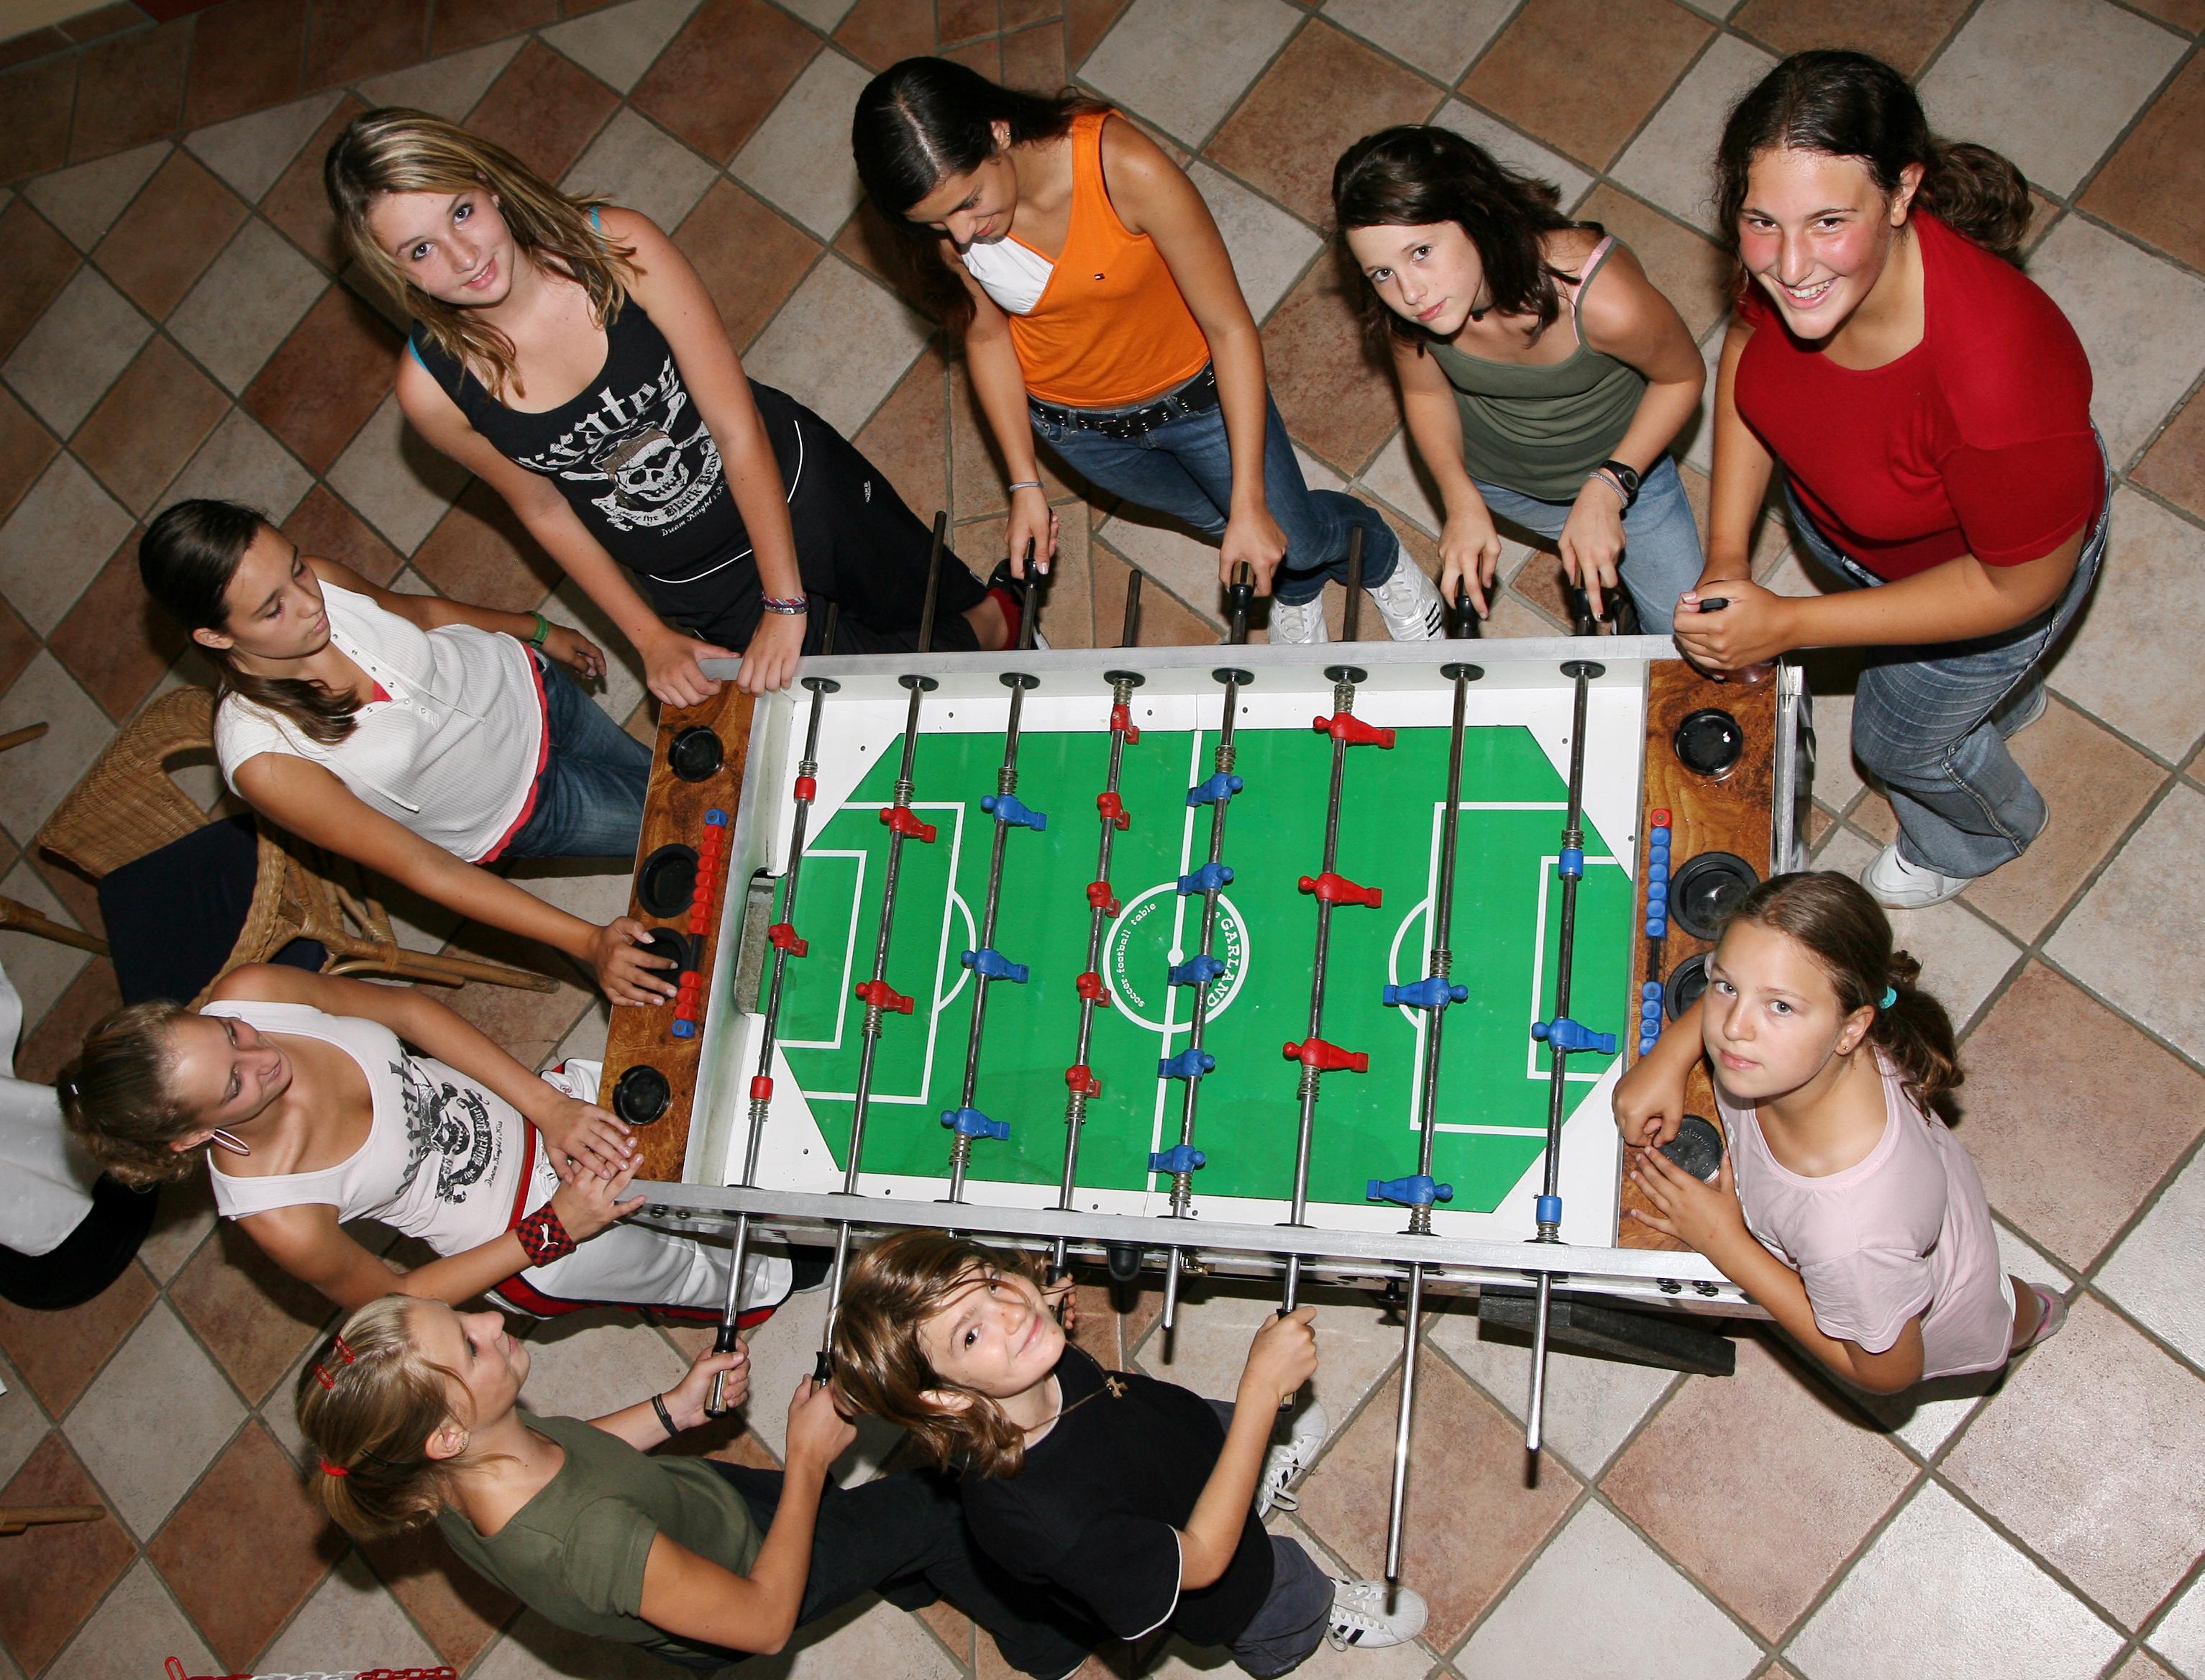 Eine Gruppe von Teens spielt gemeinsam Tischfußball. JUFA Hotels bietet erlebnisreiche Feriencamps in den Bereichen Sport, Gesundheit, Bildung und Sprachen.